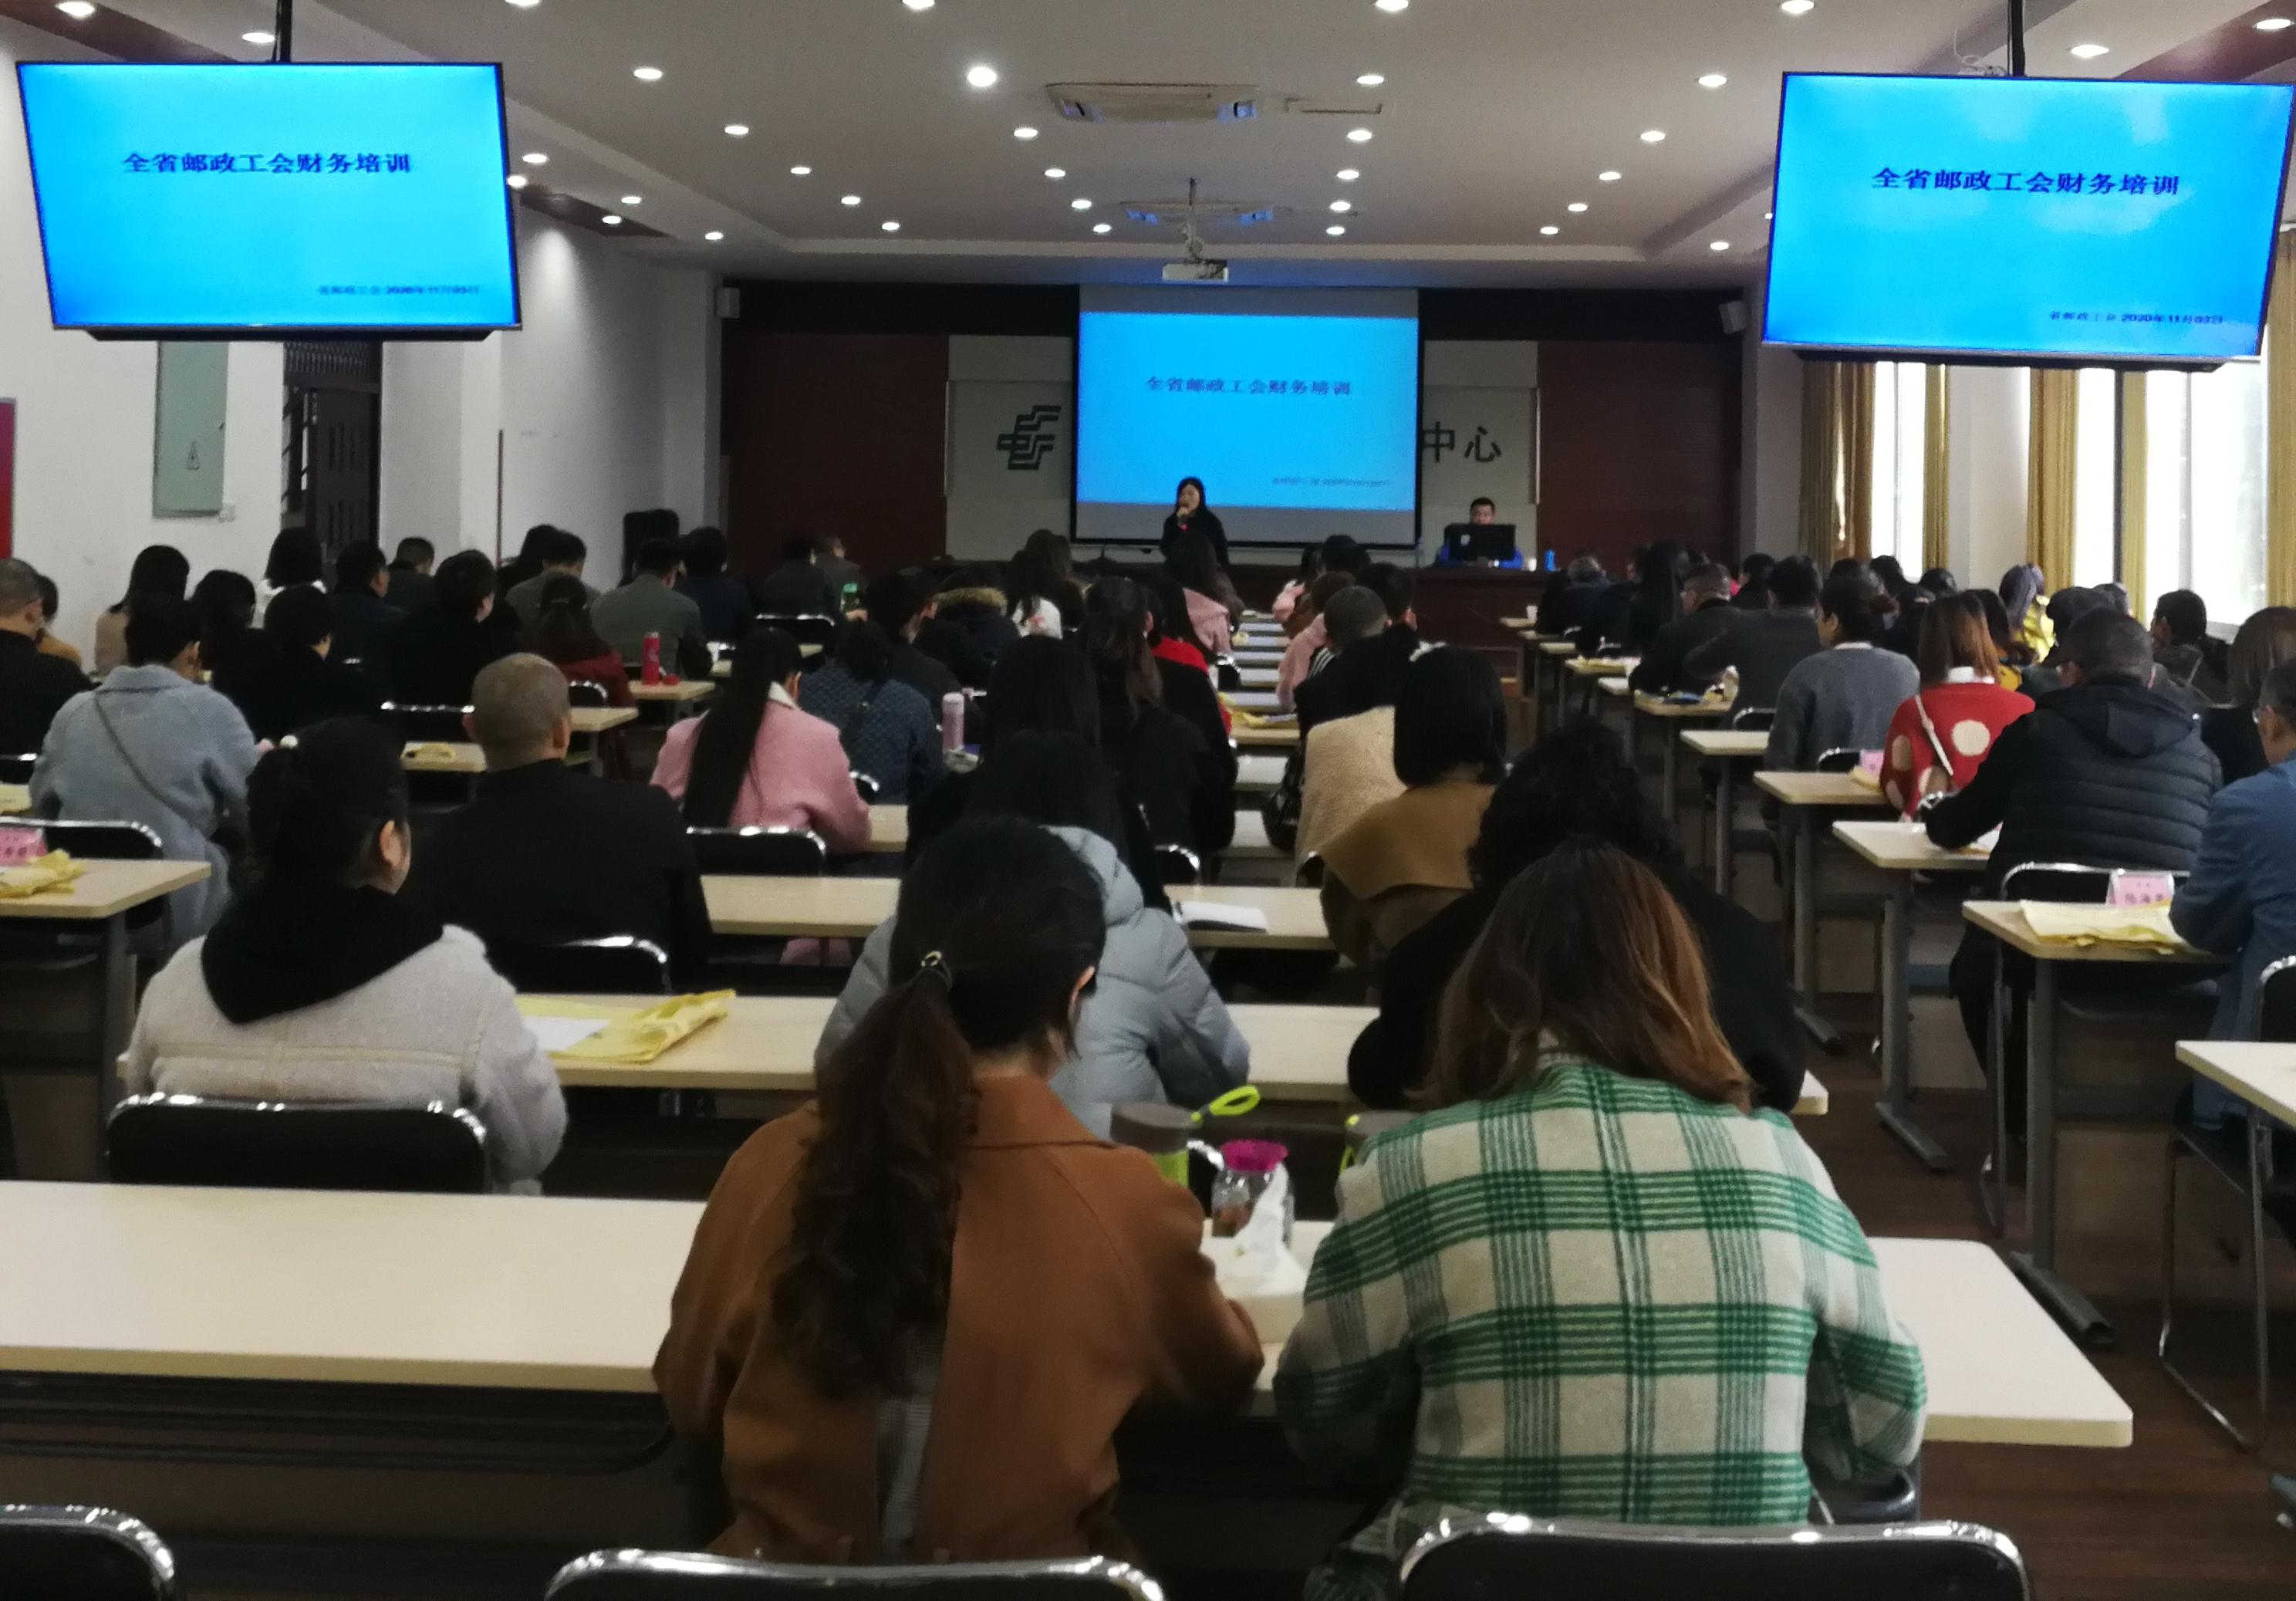 省邮政工会举办全省邮政工会财务培训